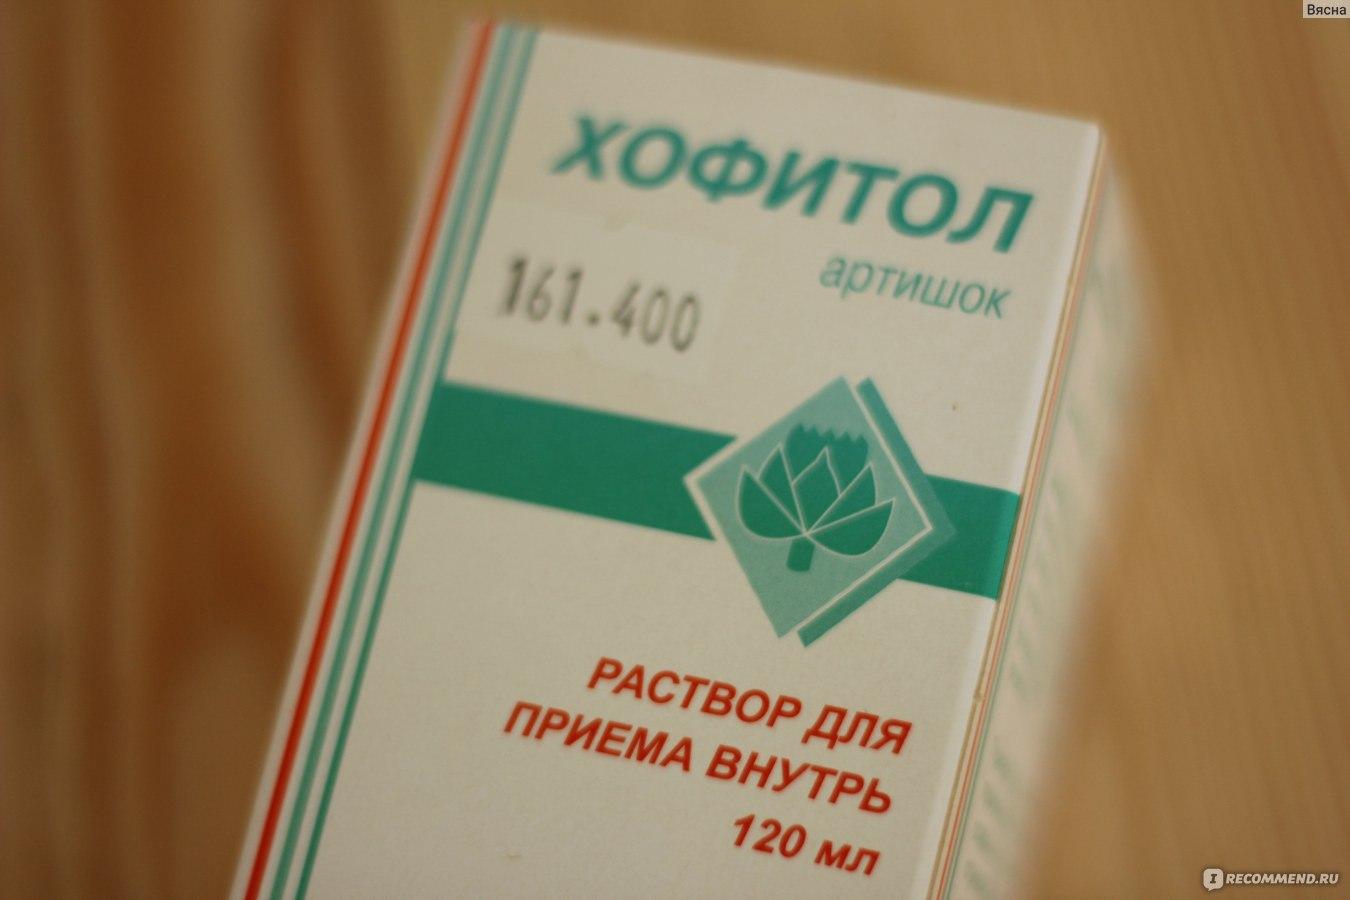 Хофитол инструкция при беременности отзывы